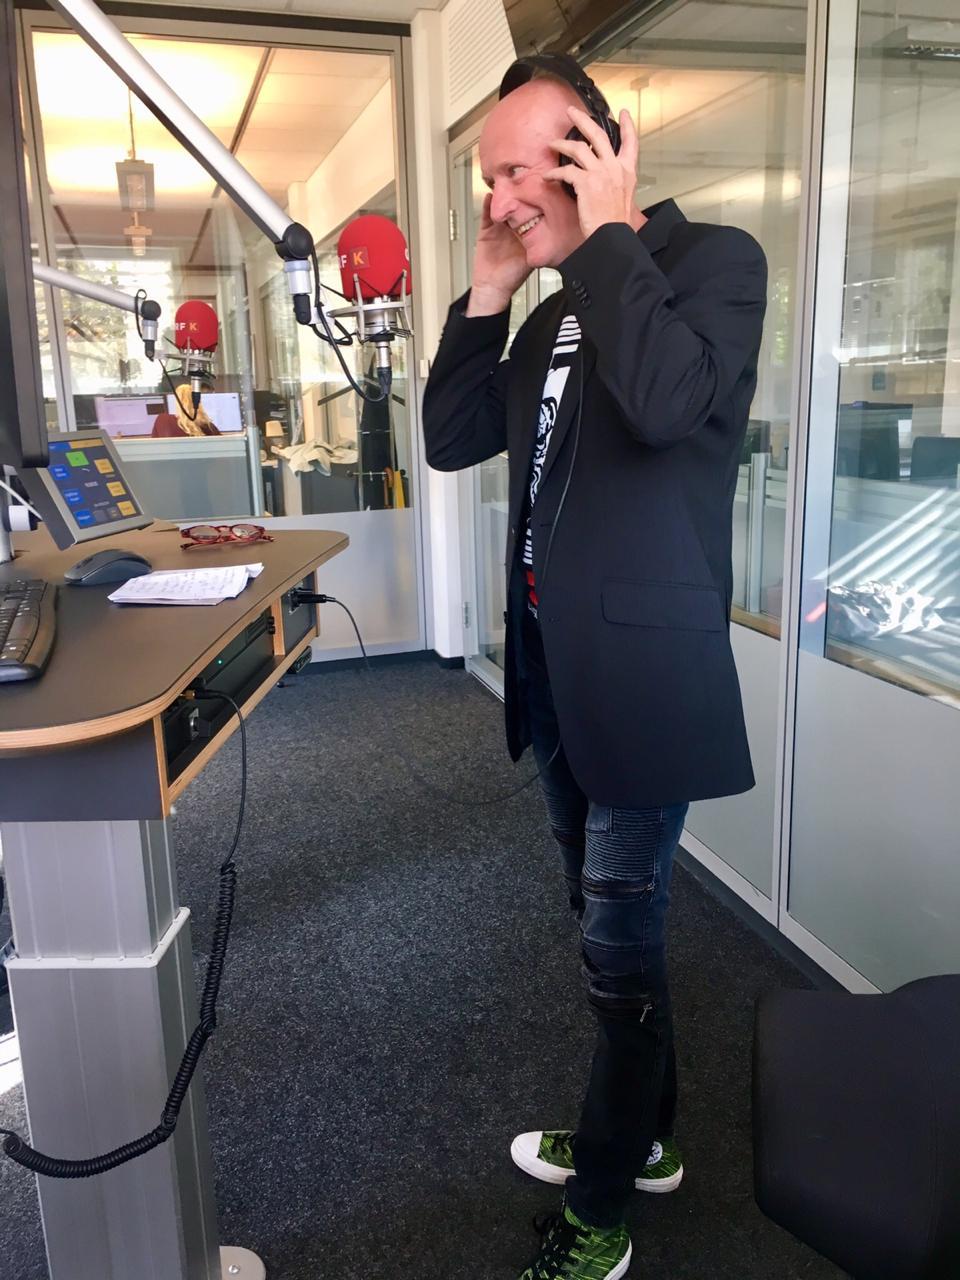 Mozart-CD Rarität - Interview mit Arno Argos Raunig von Vanessa Thun-Hohenstein, ORF Radio Kärnten, 2019, Live